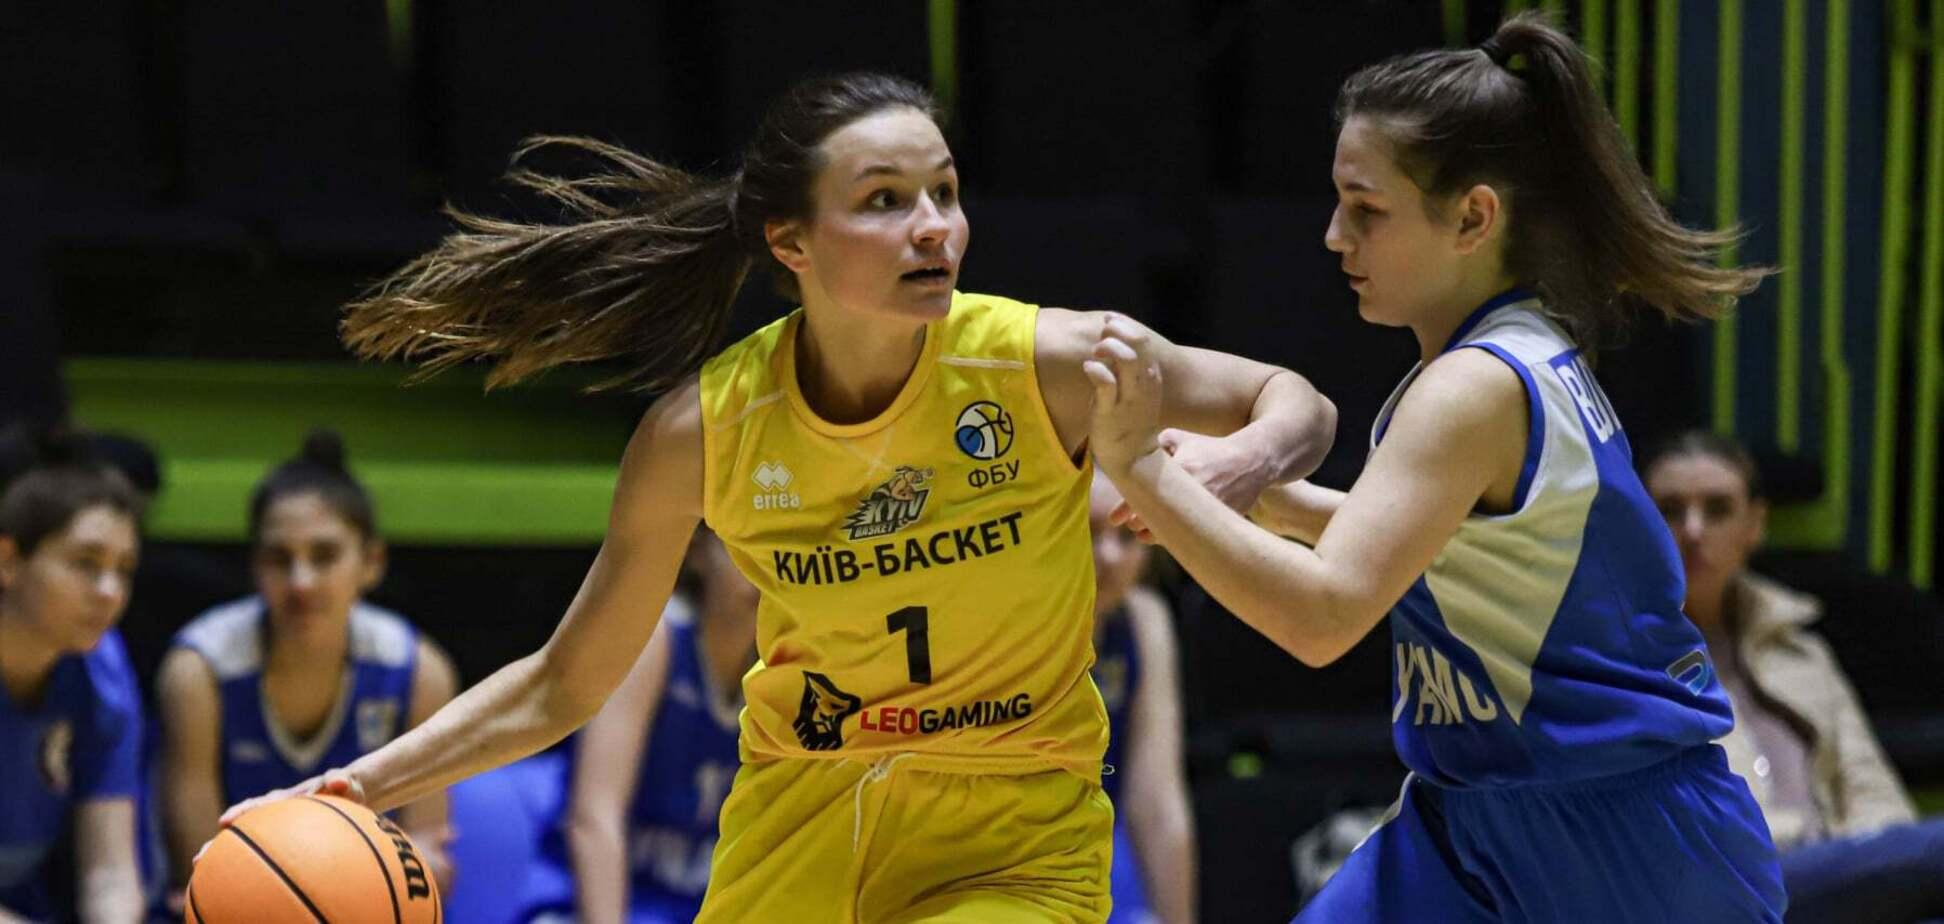 'Київ-Баскет' стартує в жіночій Суперлізі. Чому варто відвідати ігри?